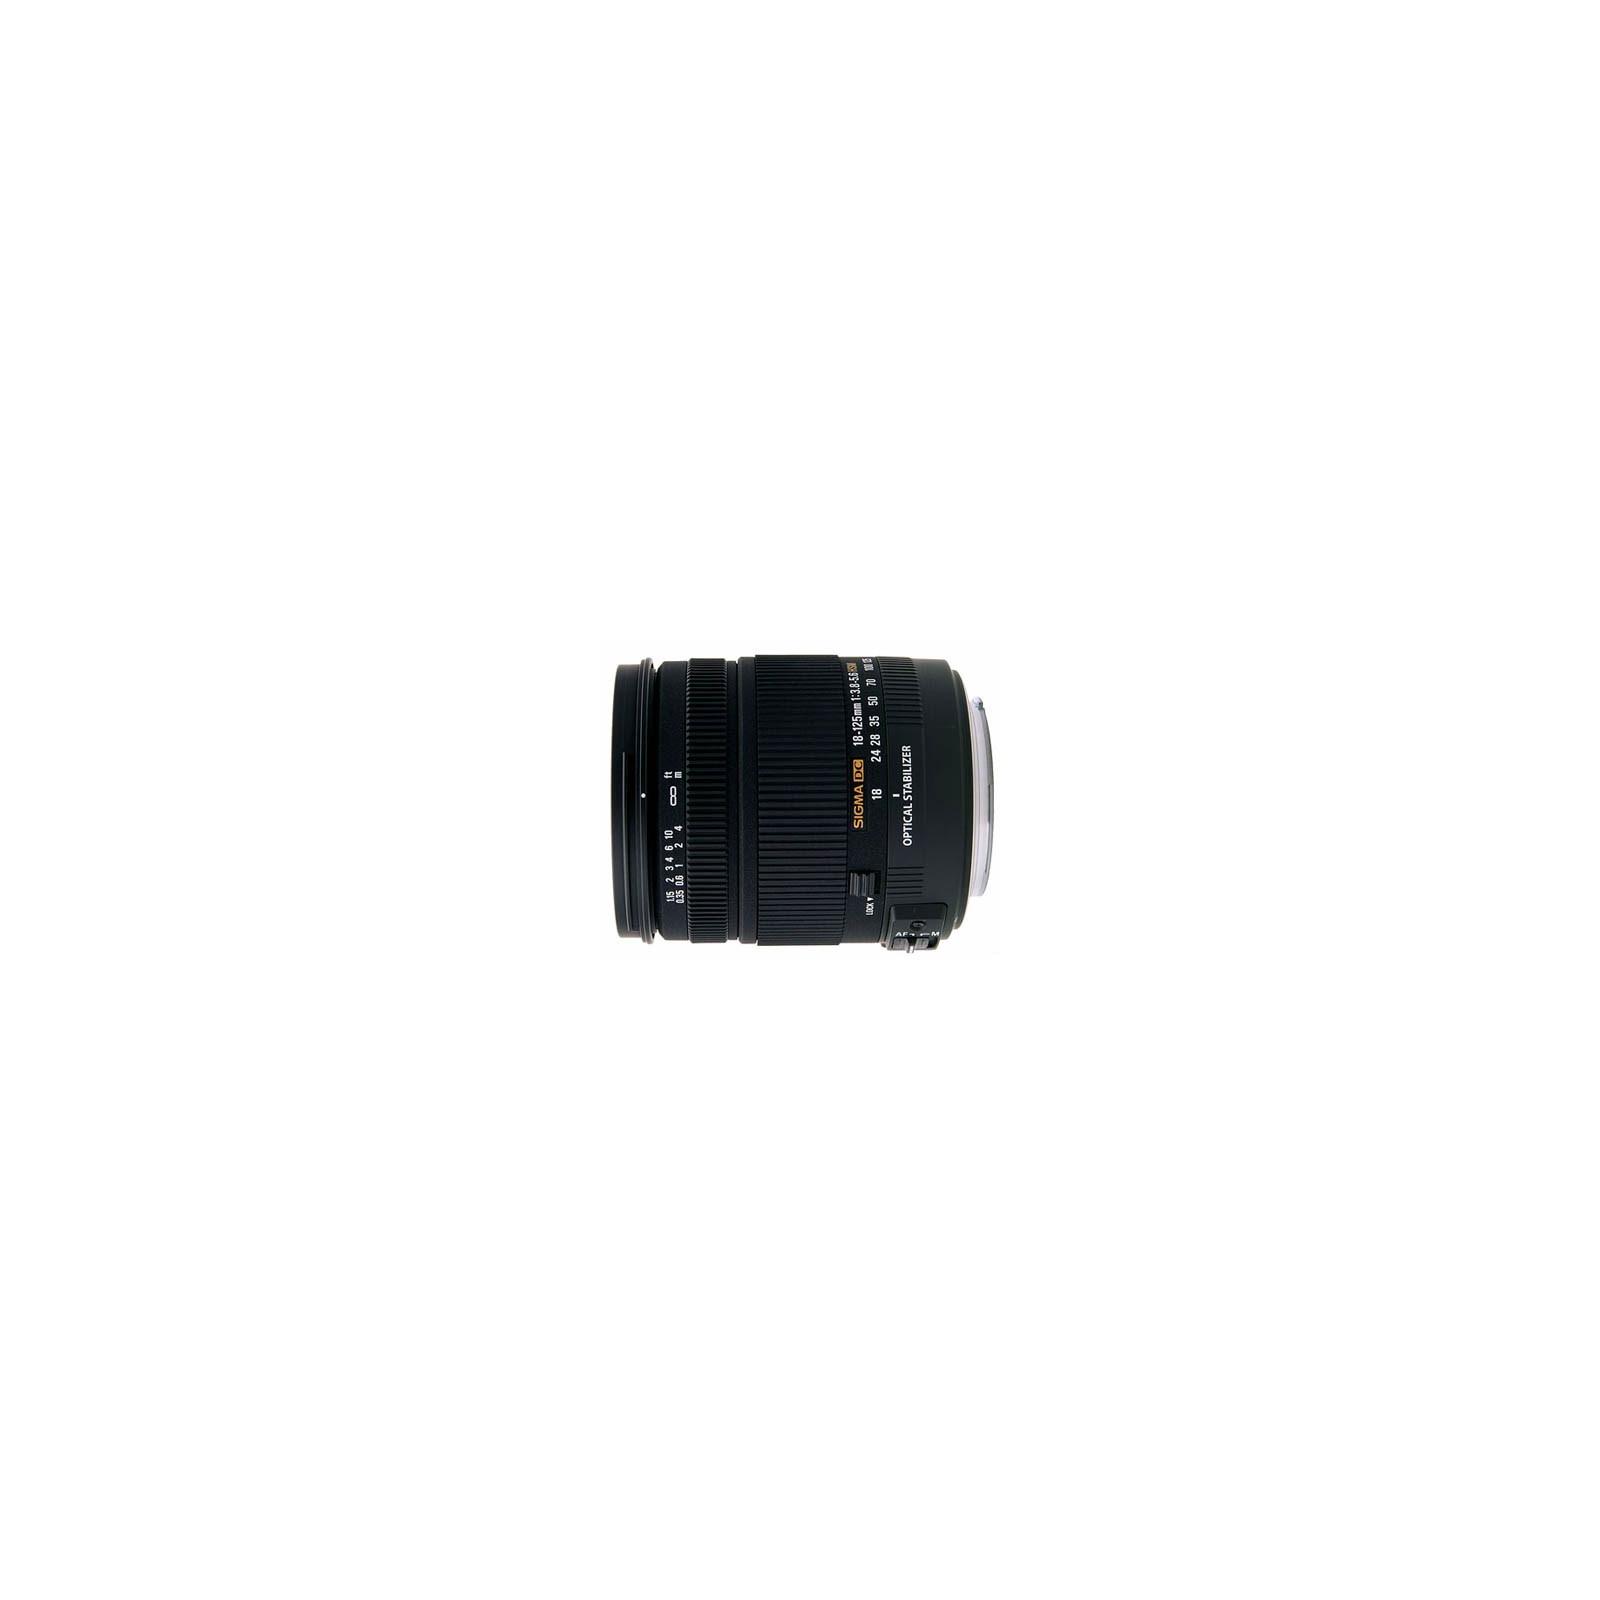 Объектив Sigma 18-125mm f/3.8-5.6 DC OS HSM for Nikon (853955)